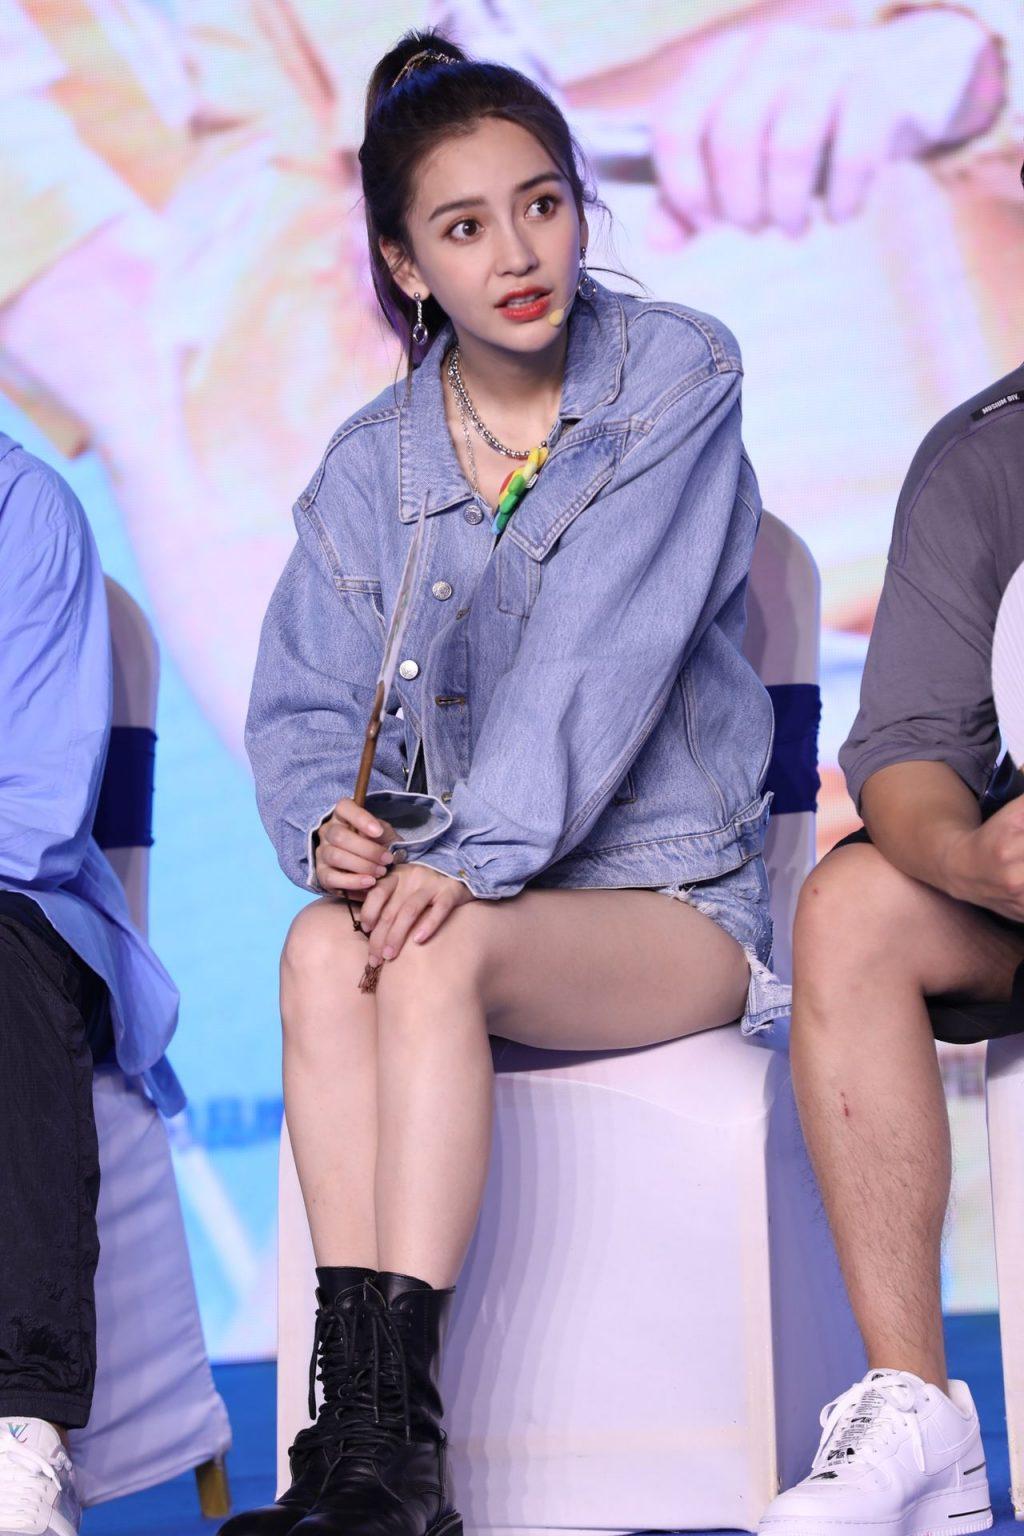 Angelababy Flaunts Her Sexy Slender Legs in Beijing (6 Photos)